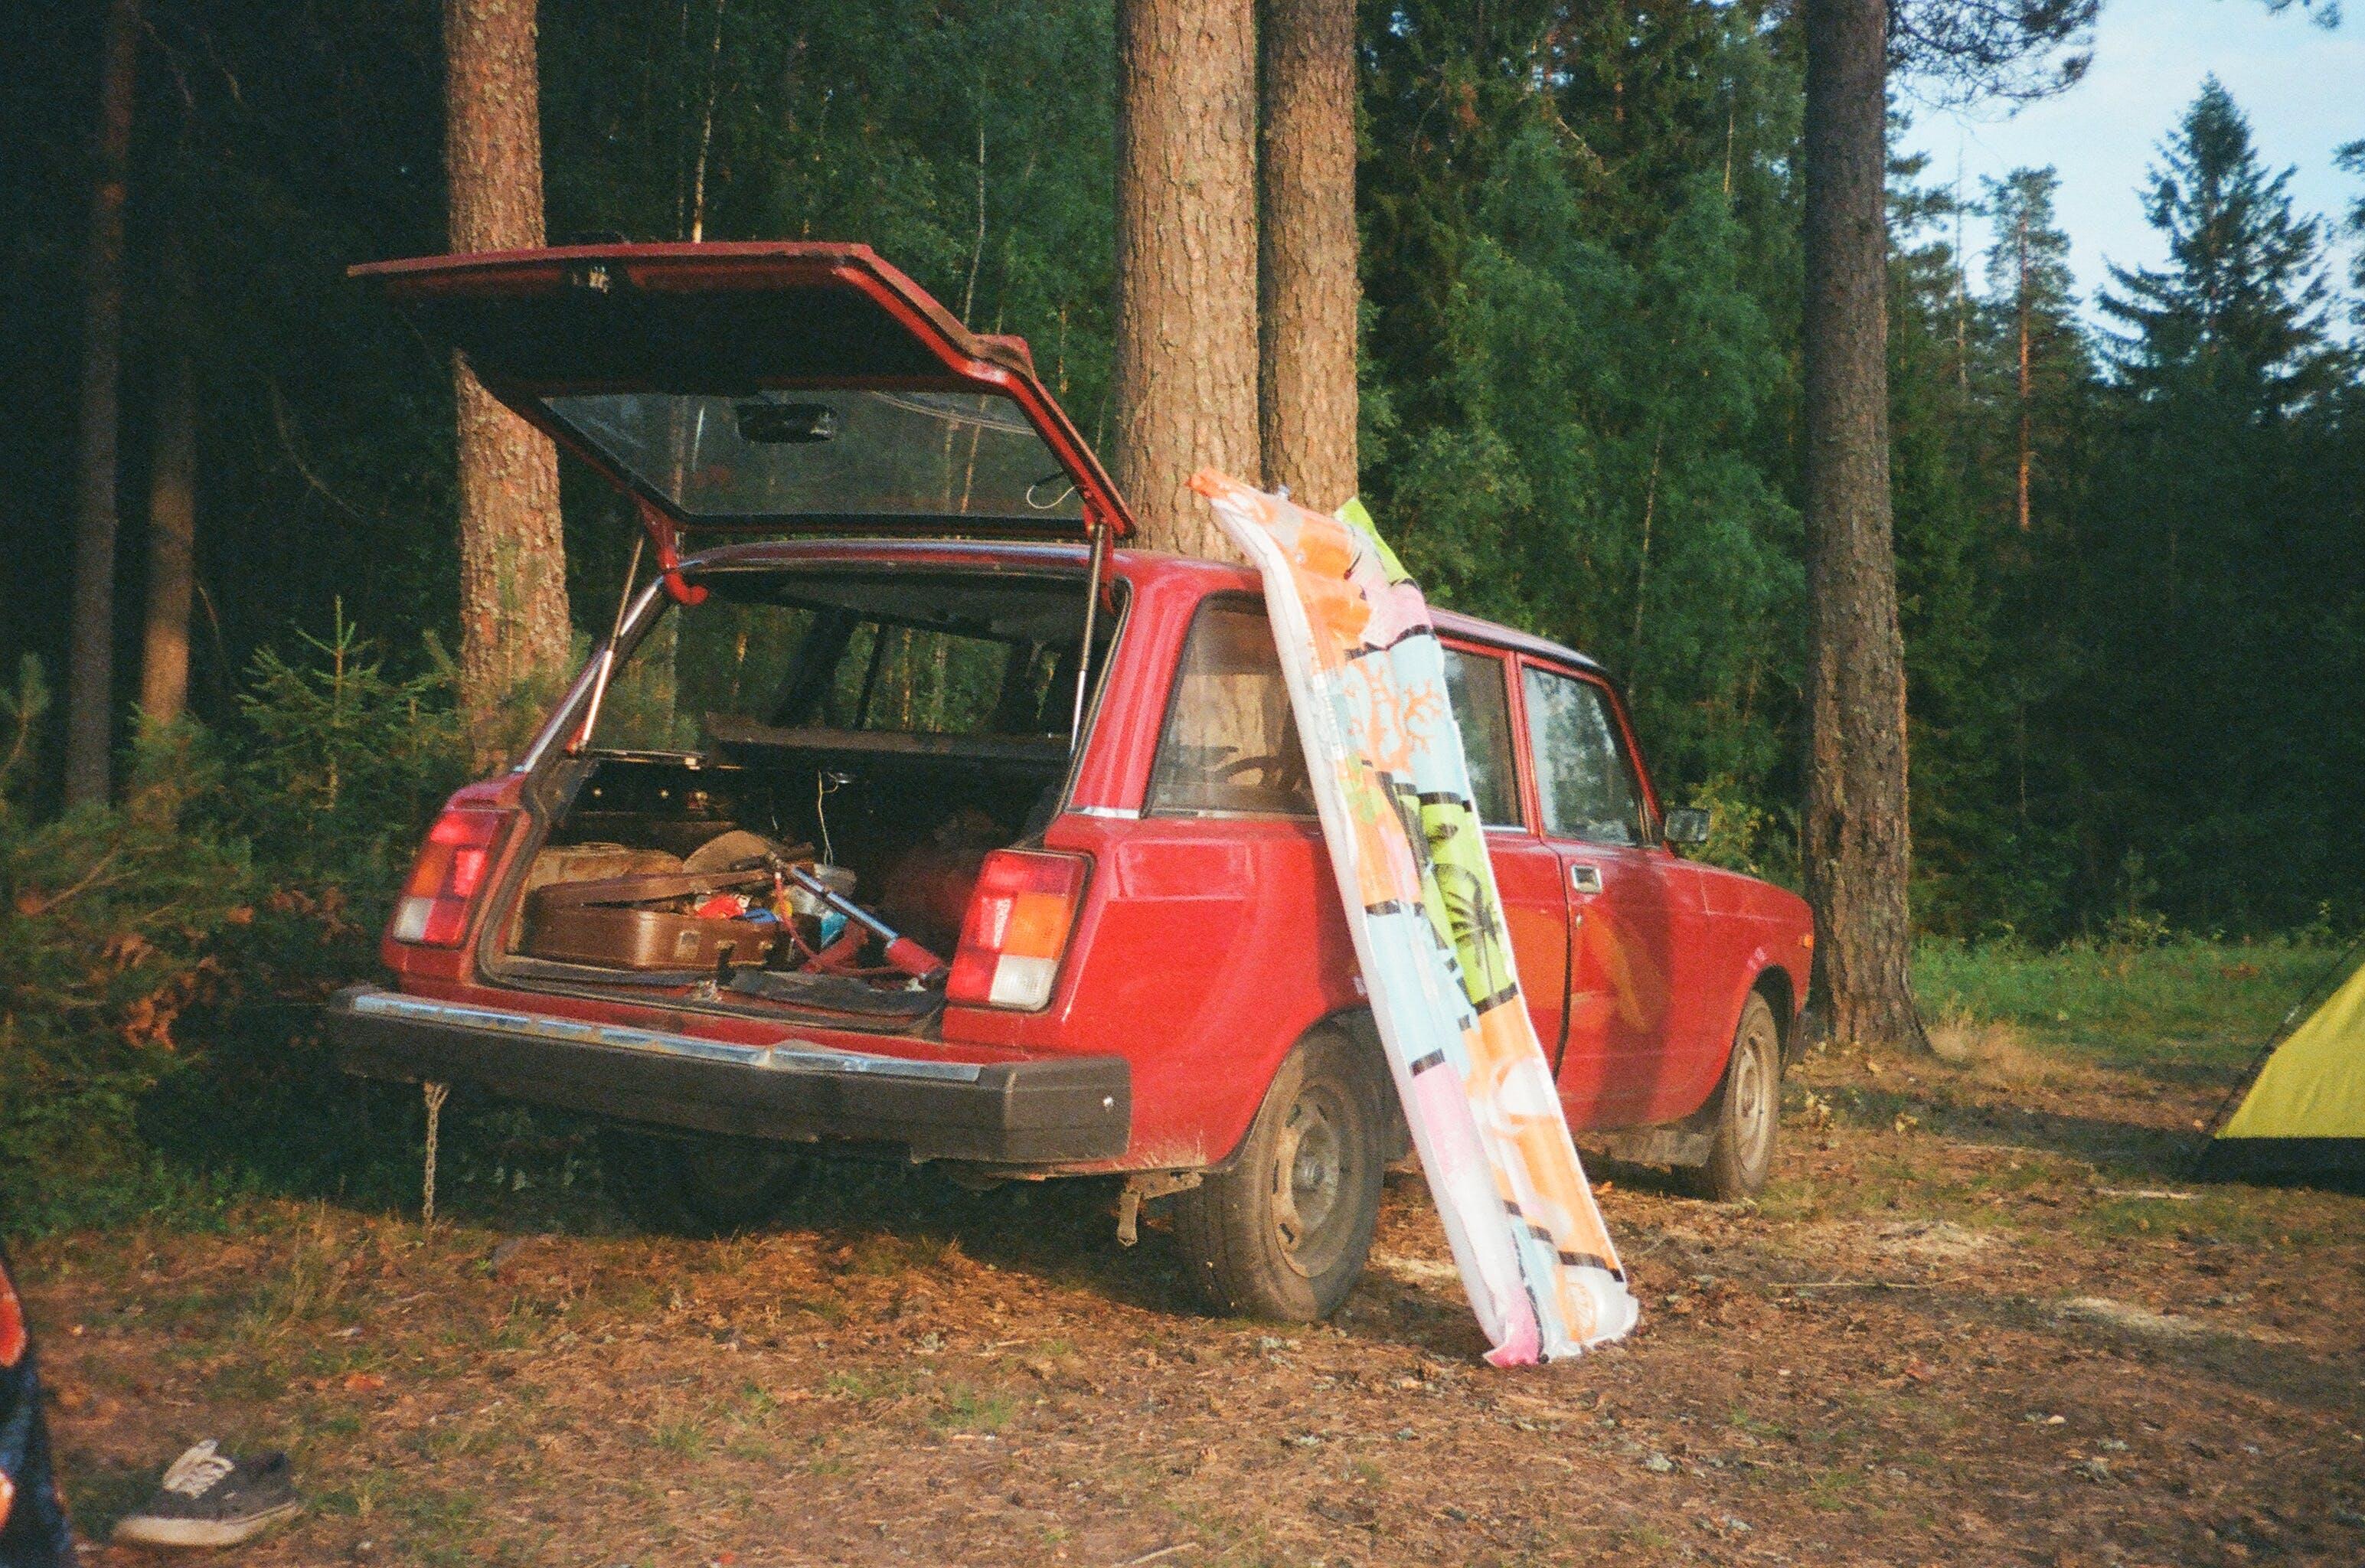 Opened Rear Door of Red 3-door Hatchback Parked Near Trees